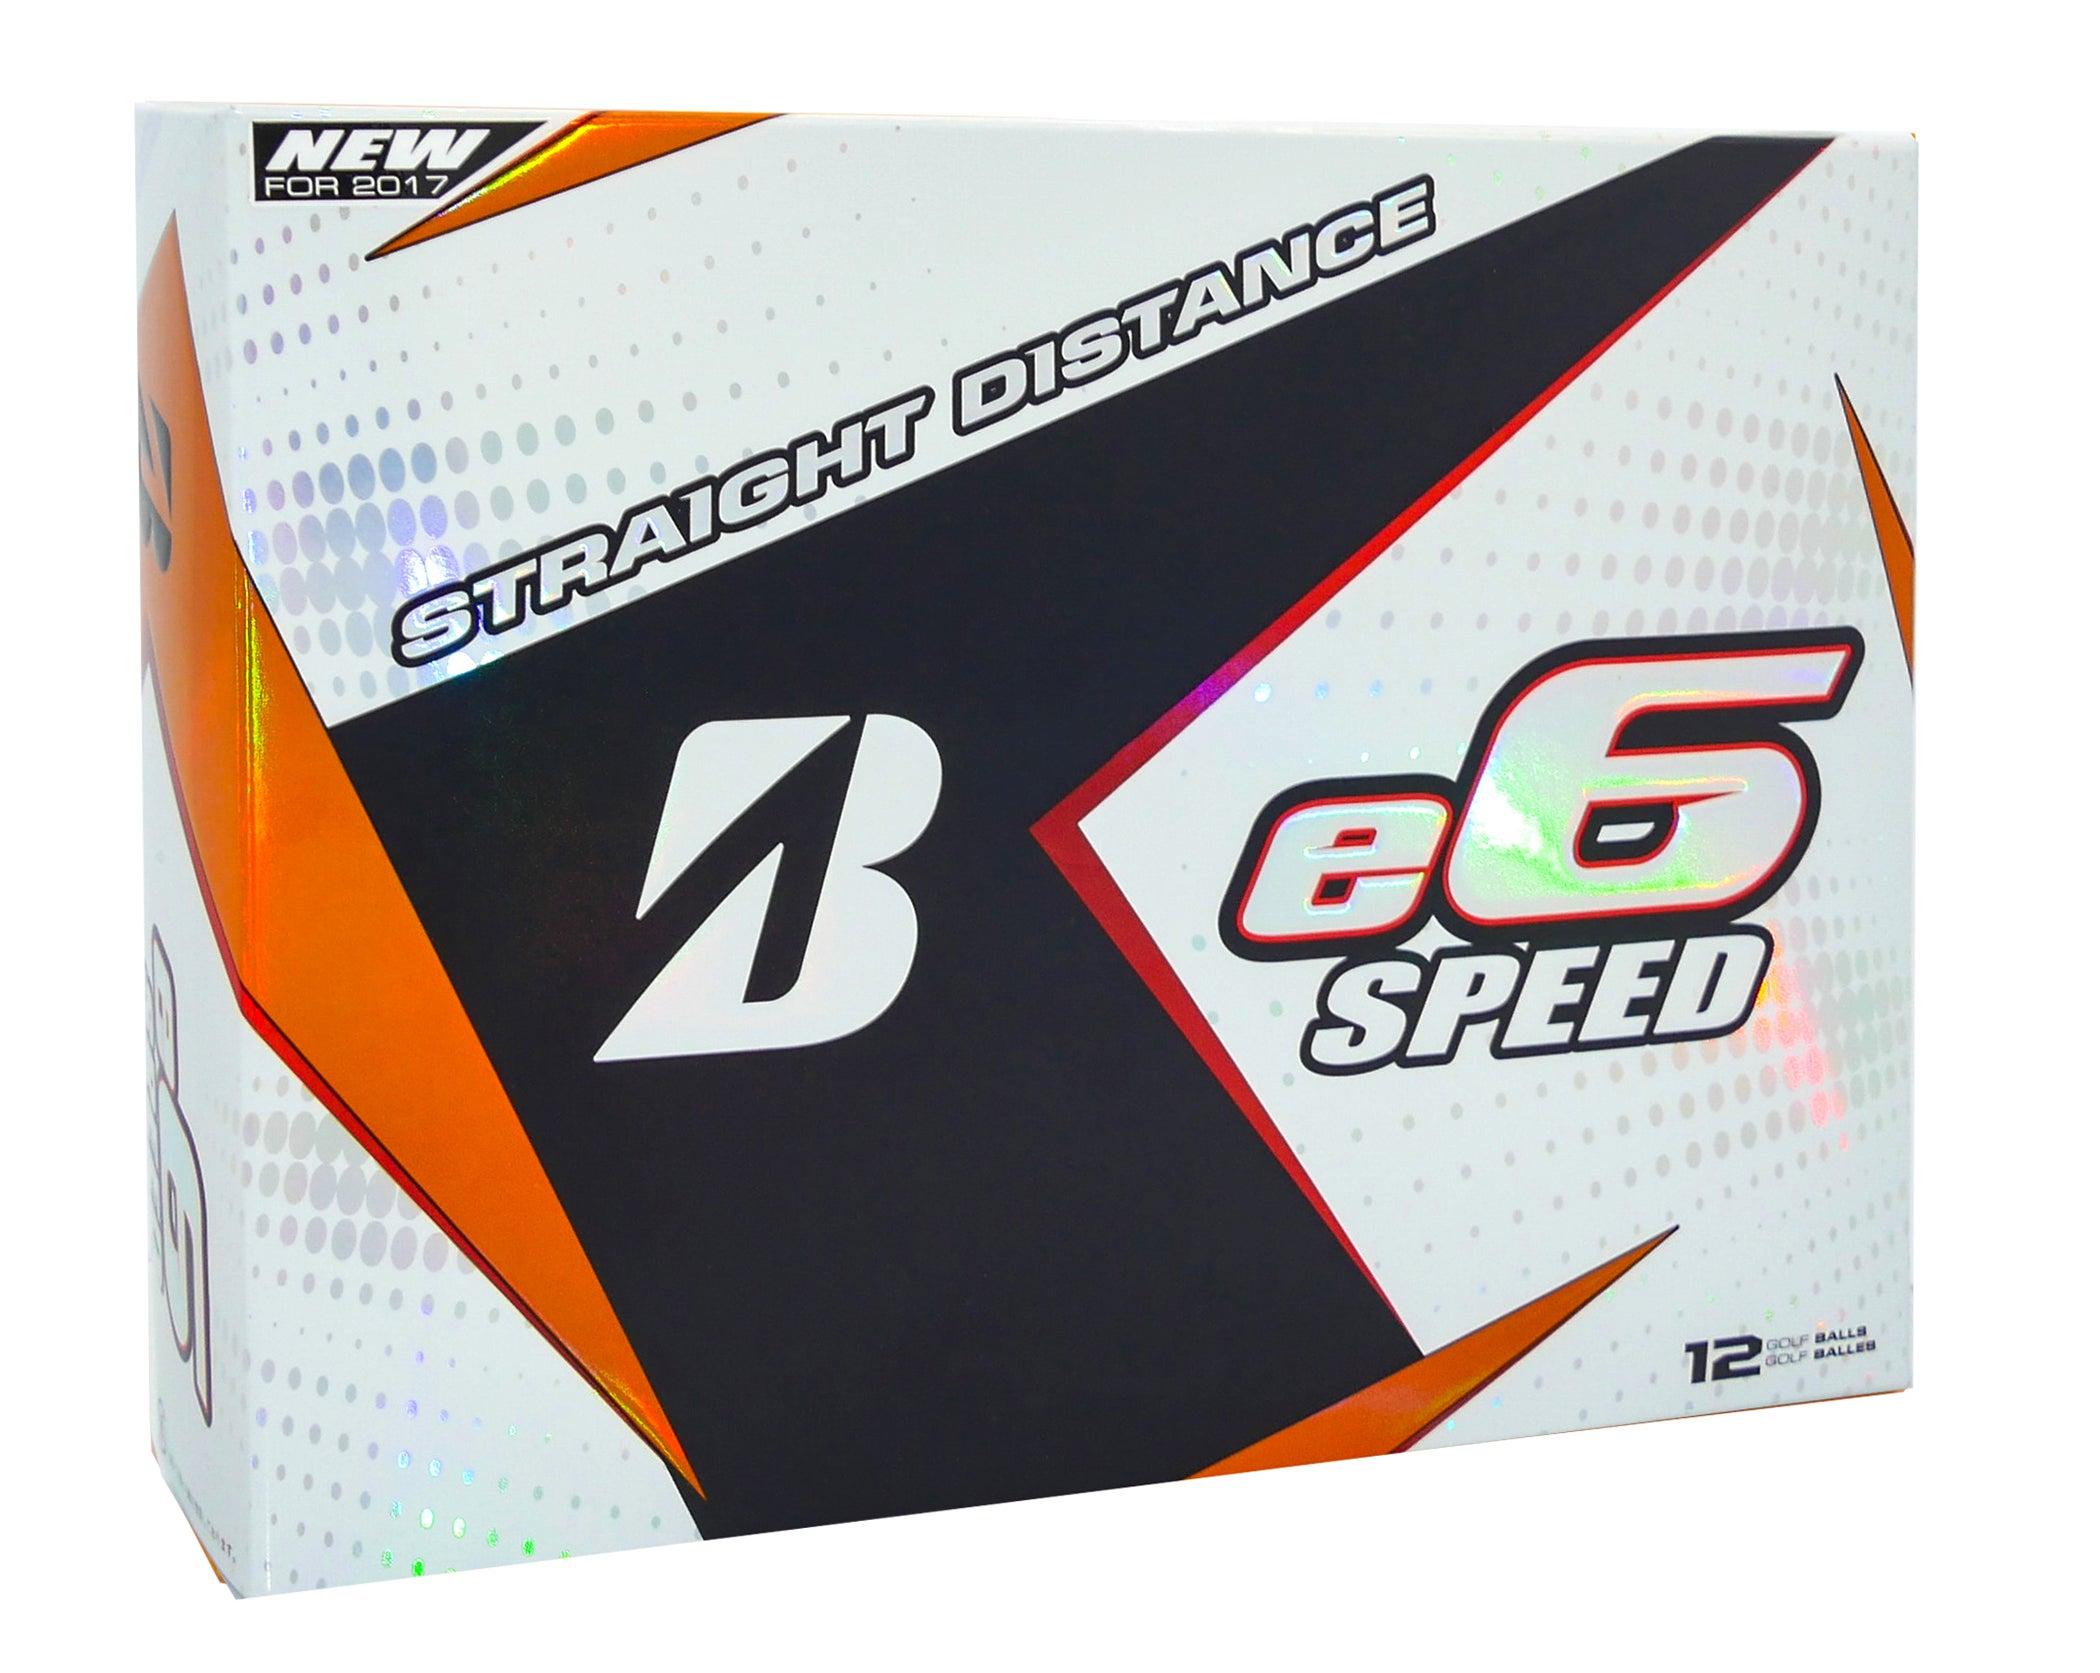 BSG e6 speed.jpg